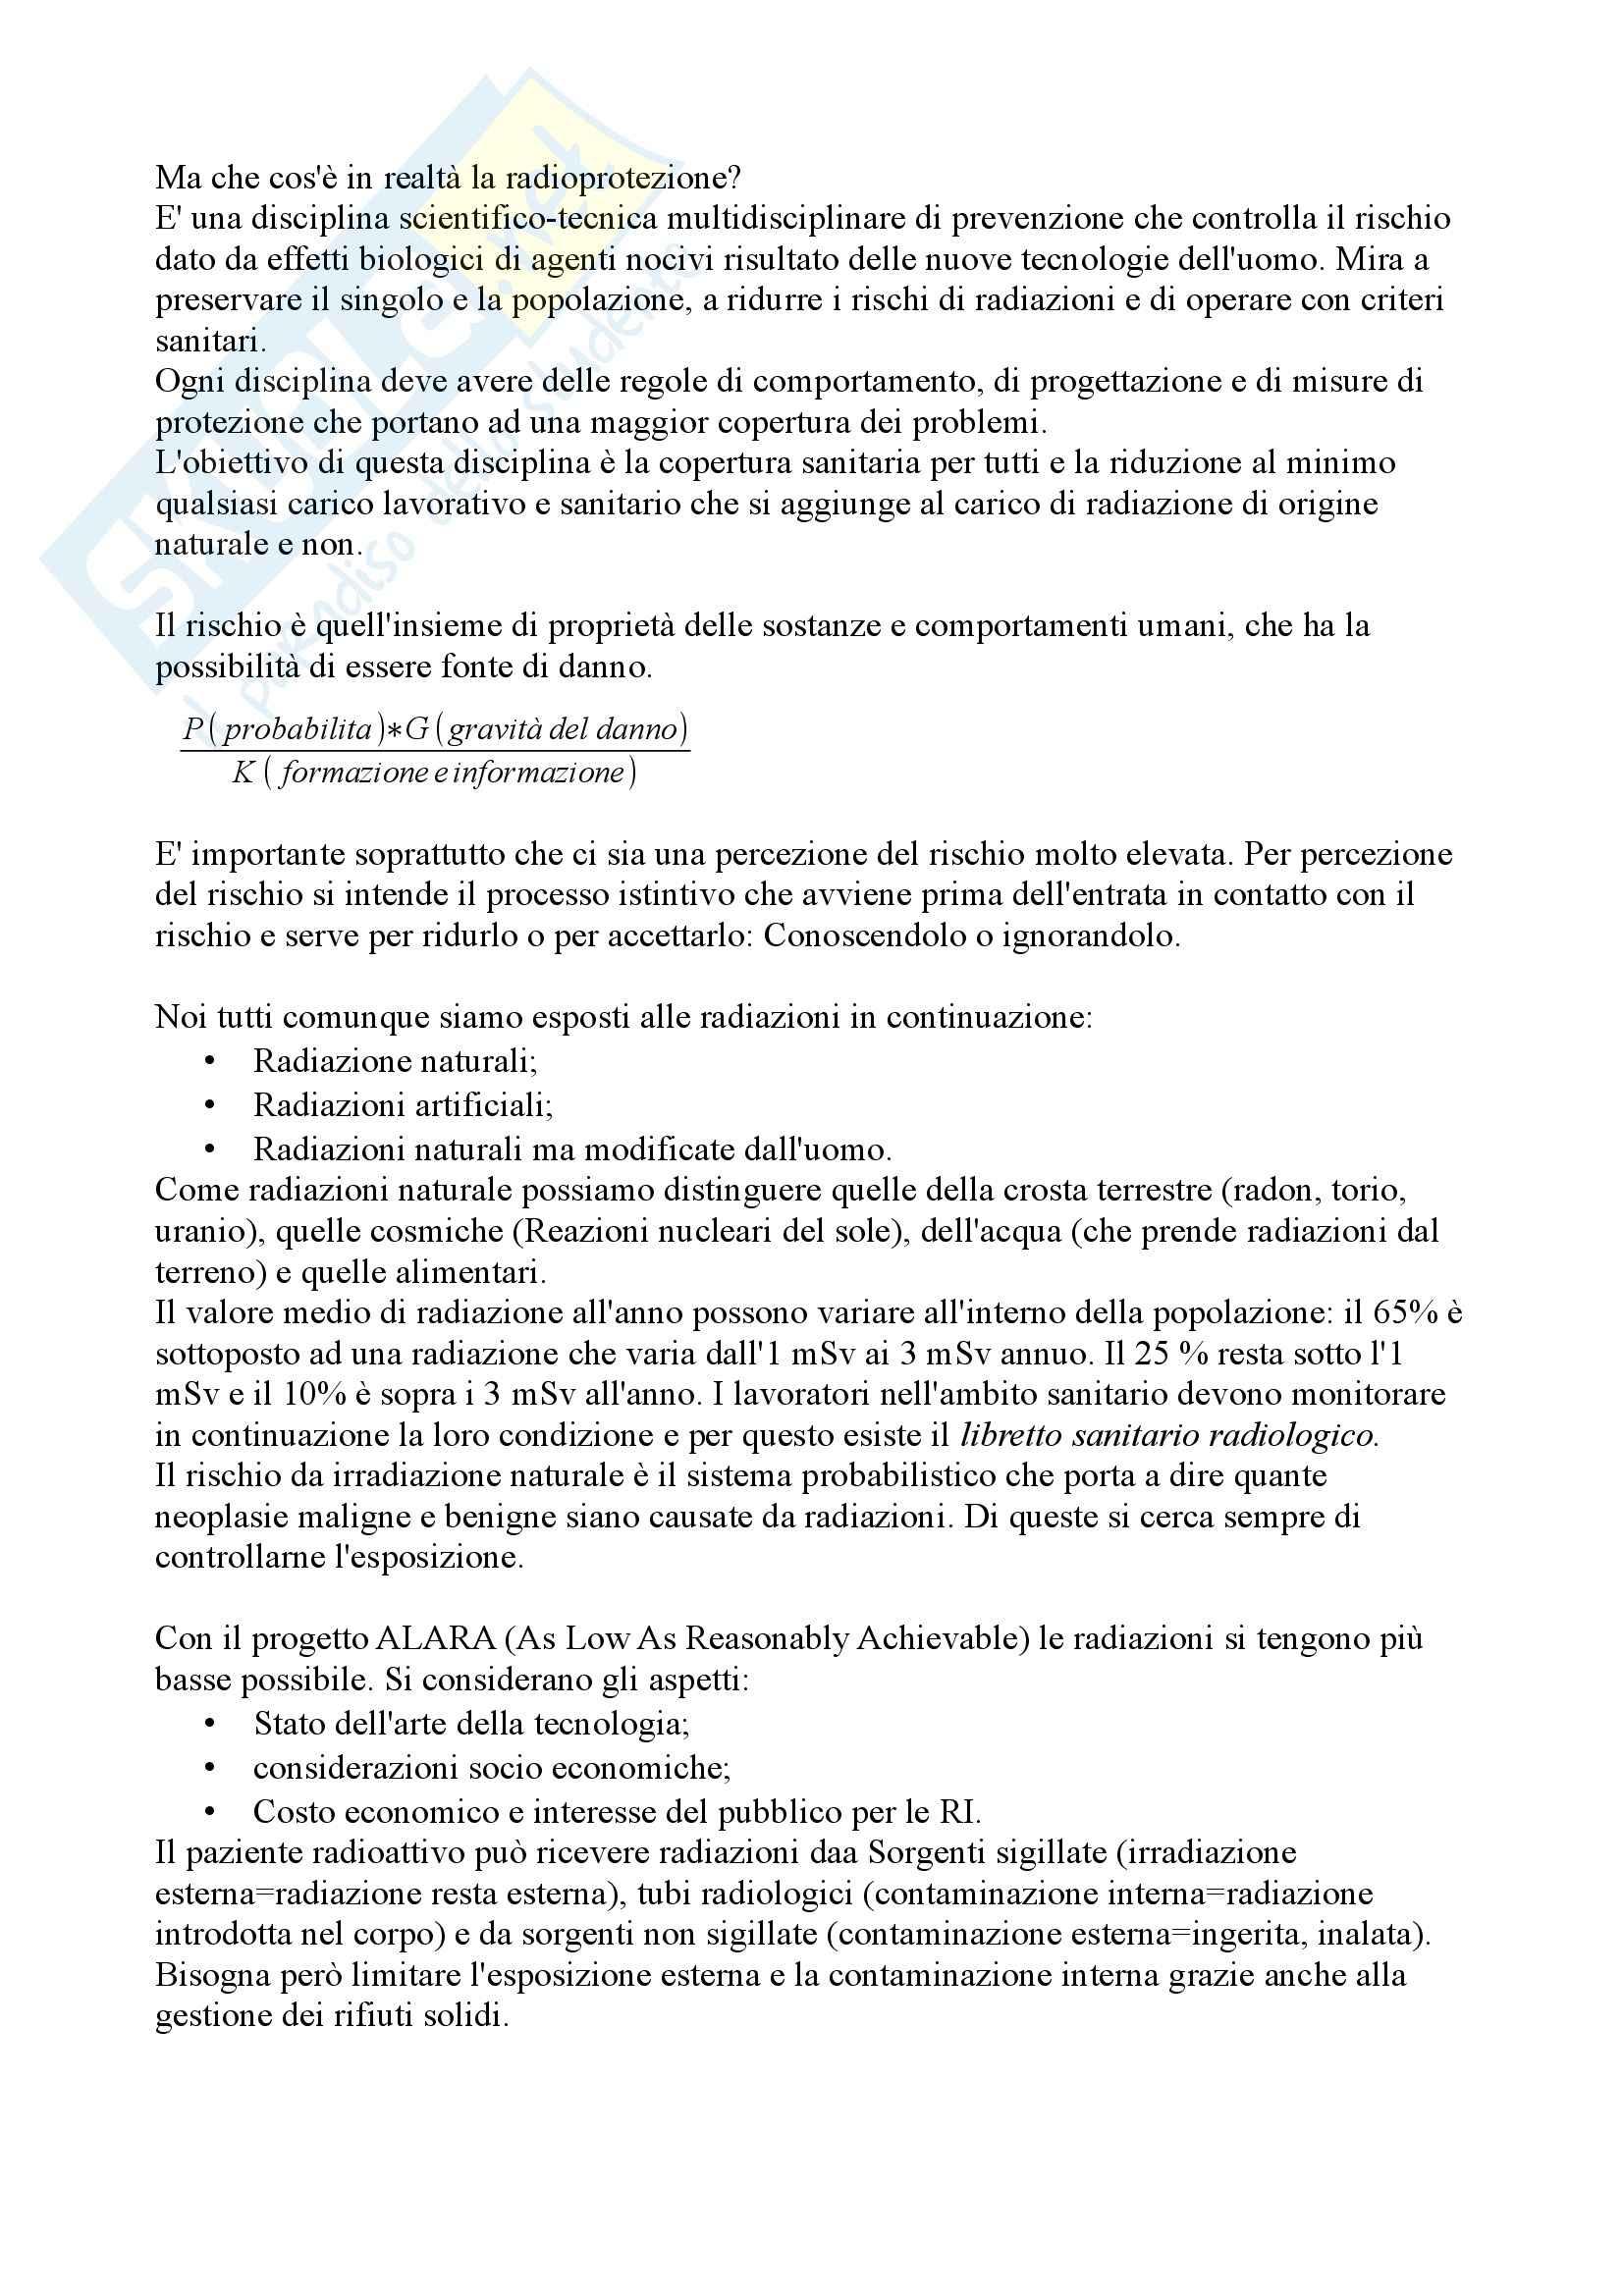 Radioprotezione - Appunti Pag. 2